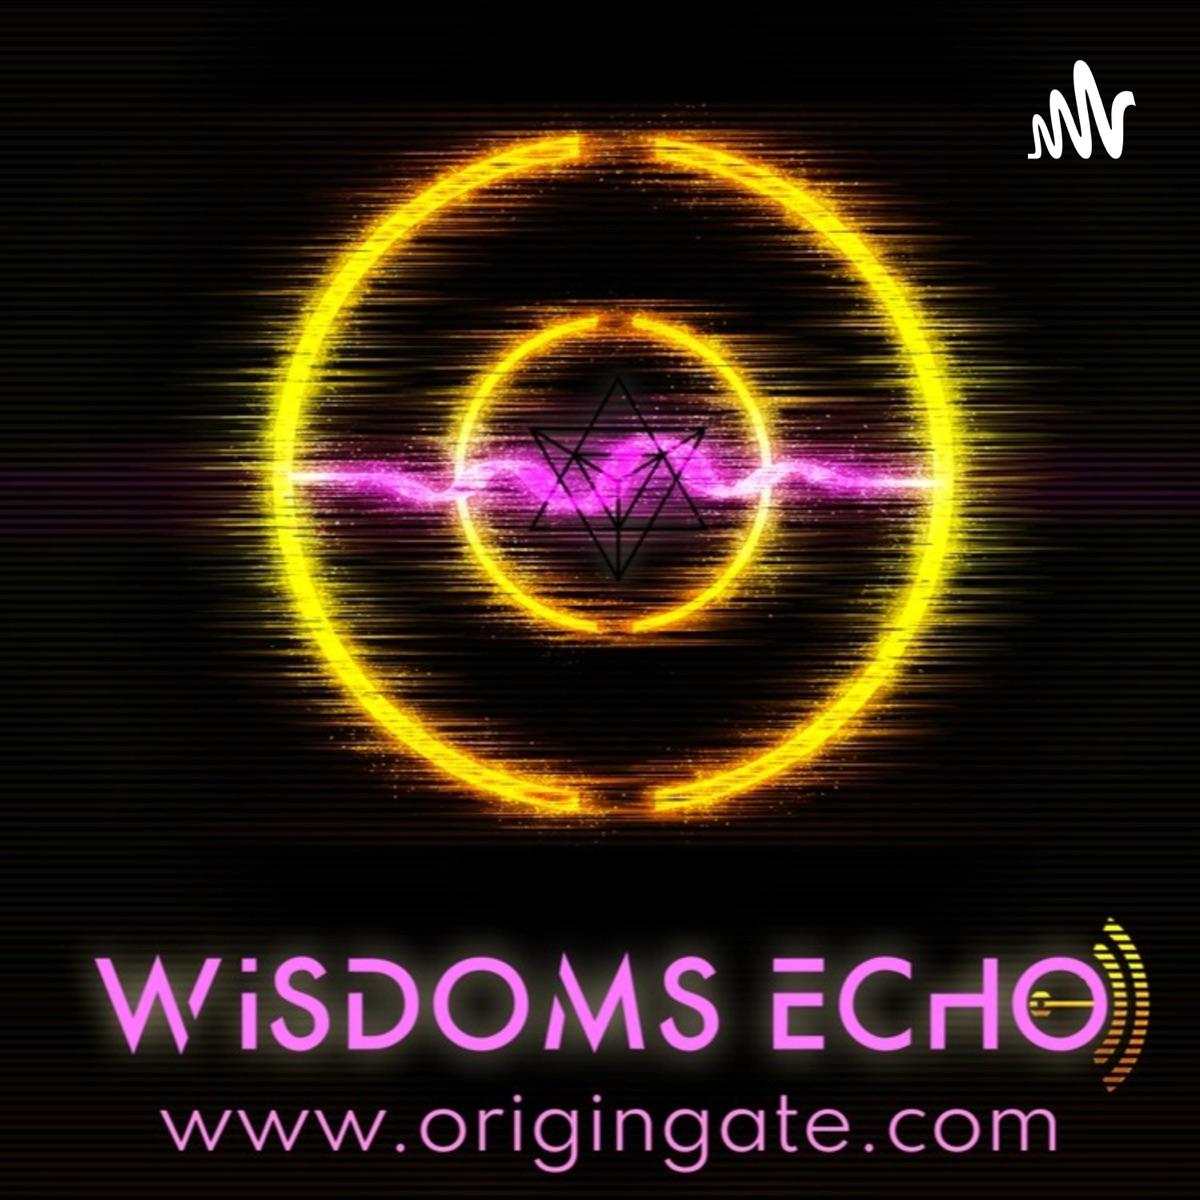 Wisdom's Echo